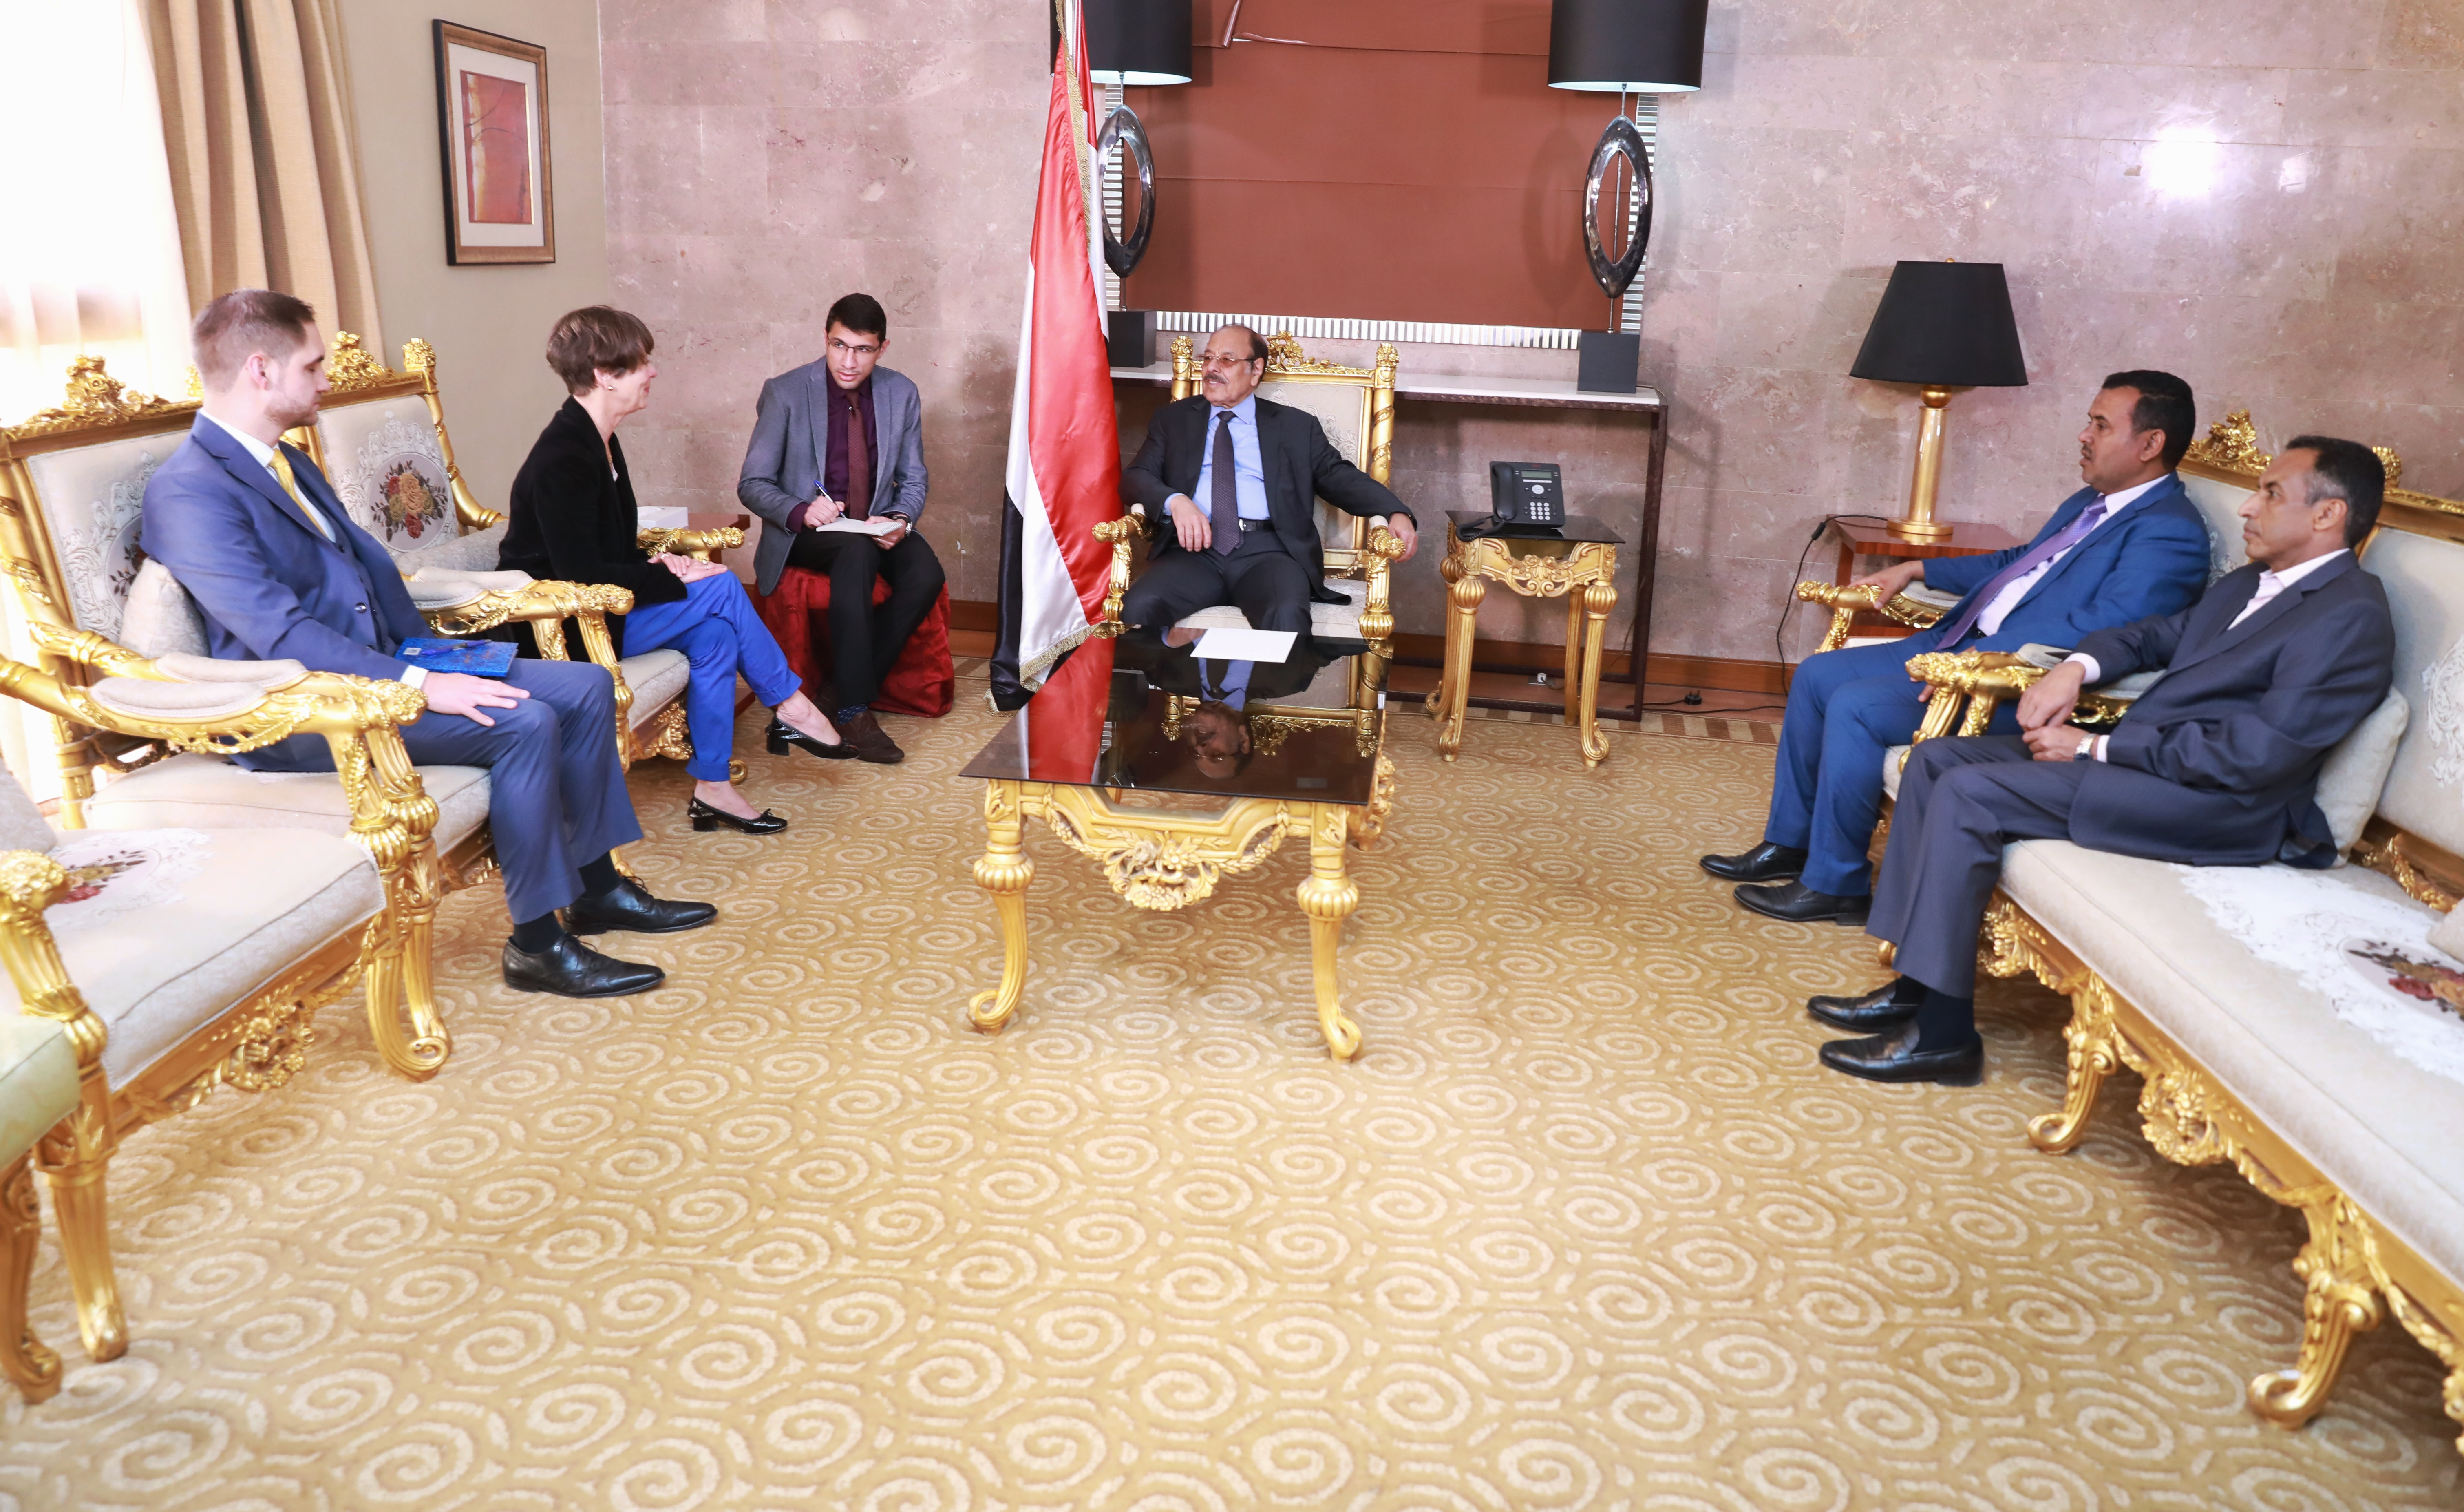 نائب رئيس الجمهورية يلتقي سفير ألمانيا الاتحادية لدى بلادنا